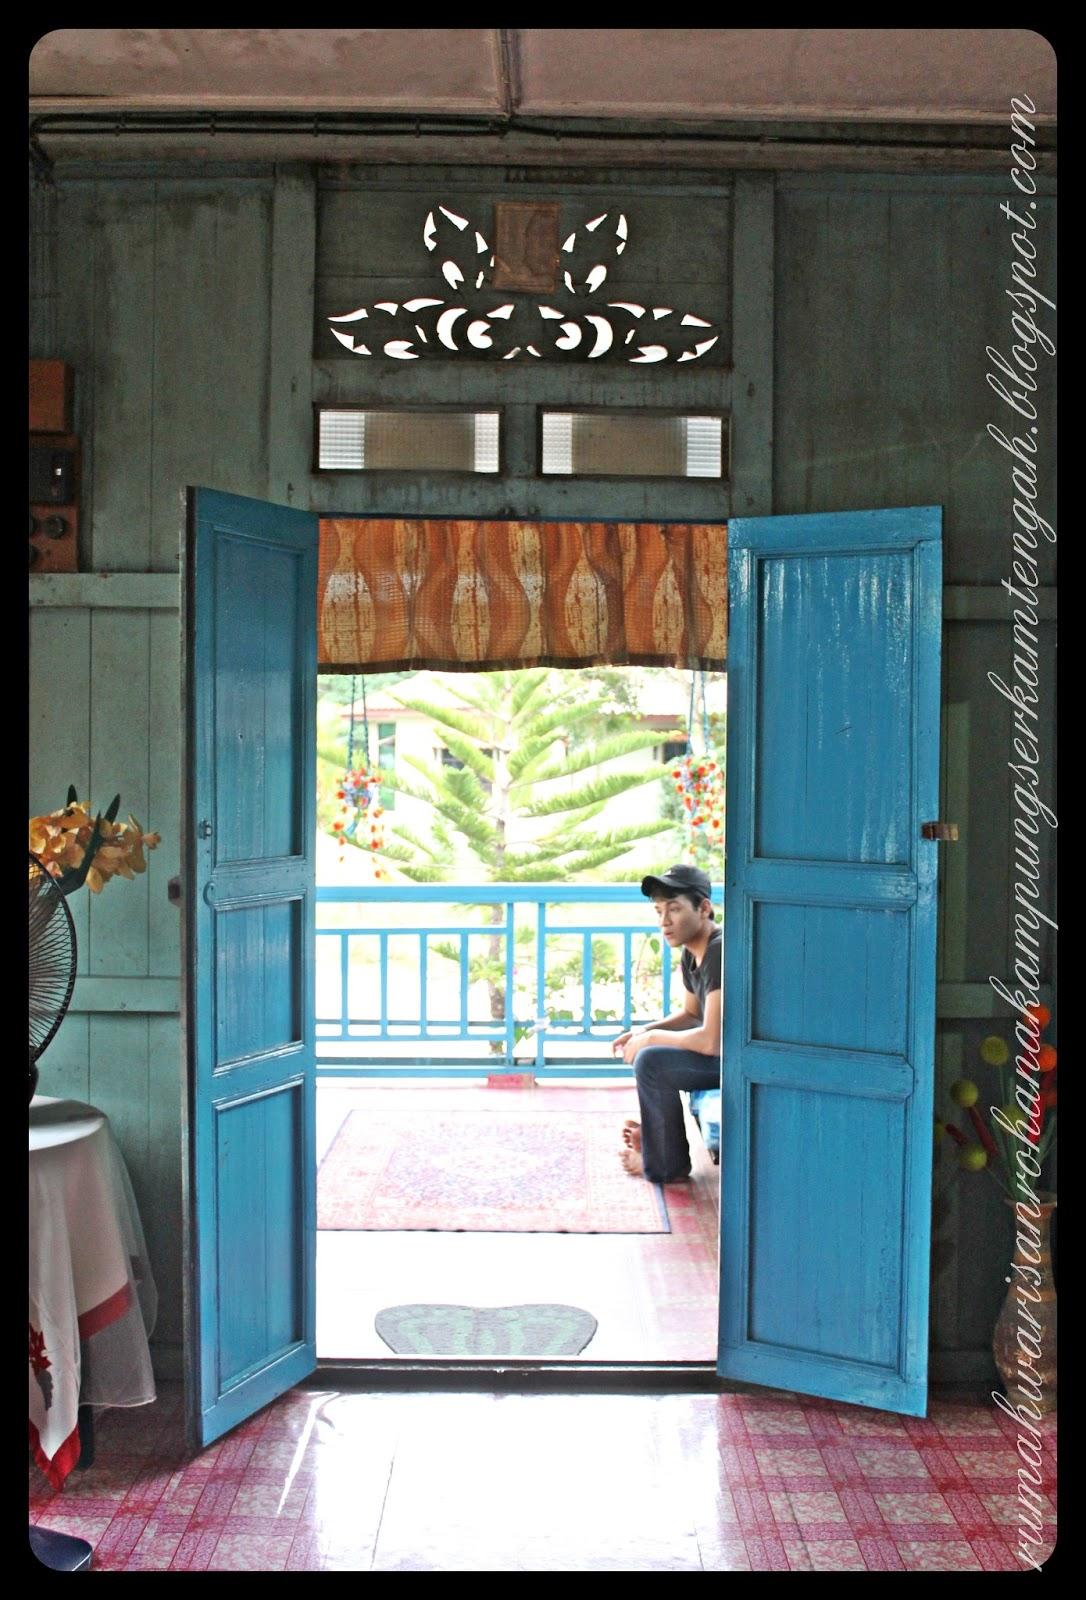 Pintu Masuk Utama Ini Digantungkan Langsir Singkat Kerana Semasa Tetamu Yang Hadir Melangkah Ke Dalam Rumah Mereka Akan Kelihatan Menundukkan